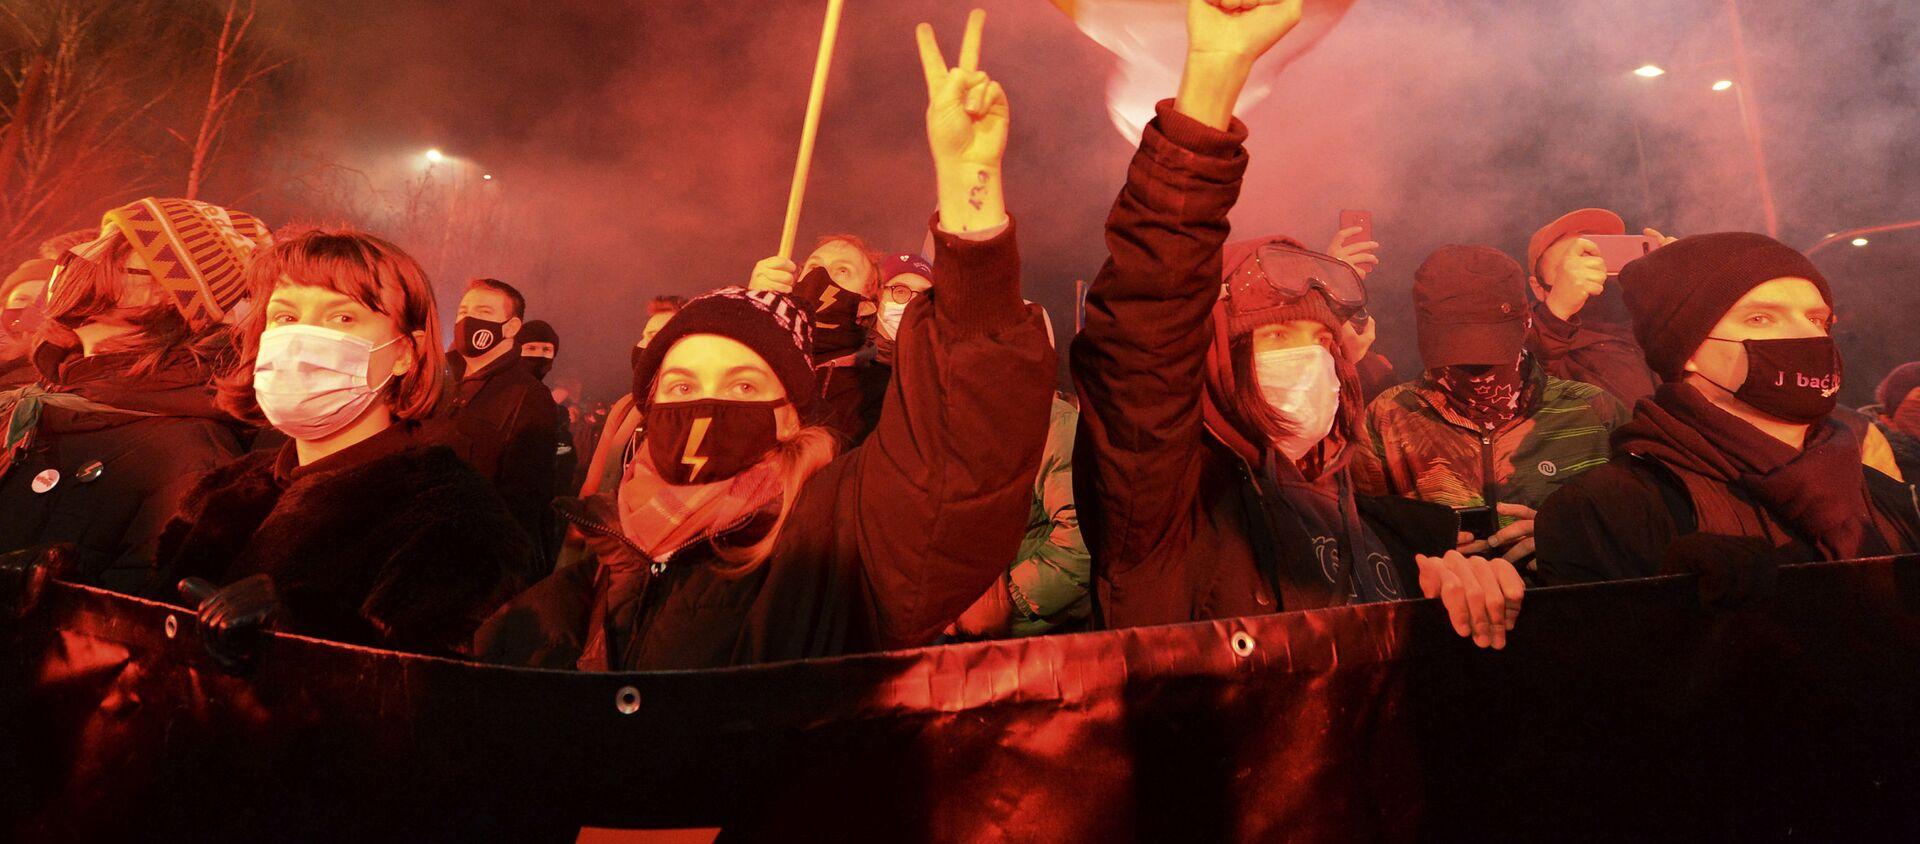 Protesty w Warszawie 27 stycznia 2021 roku po zaostrzeniu prawa aborcyjnego w Polsce - Sputnik Polska, 1920, 30.01.2021